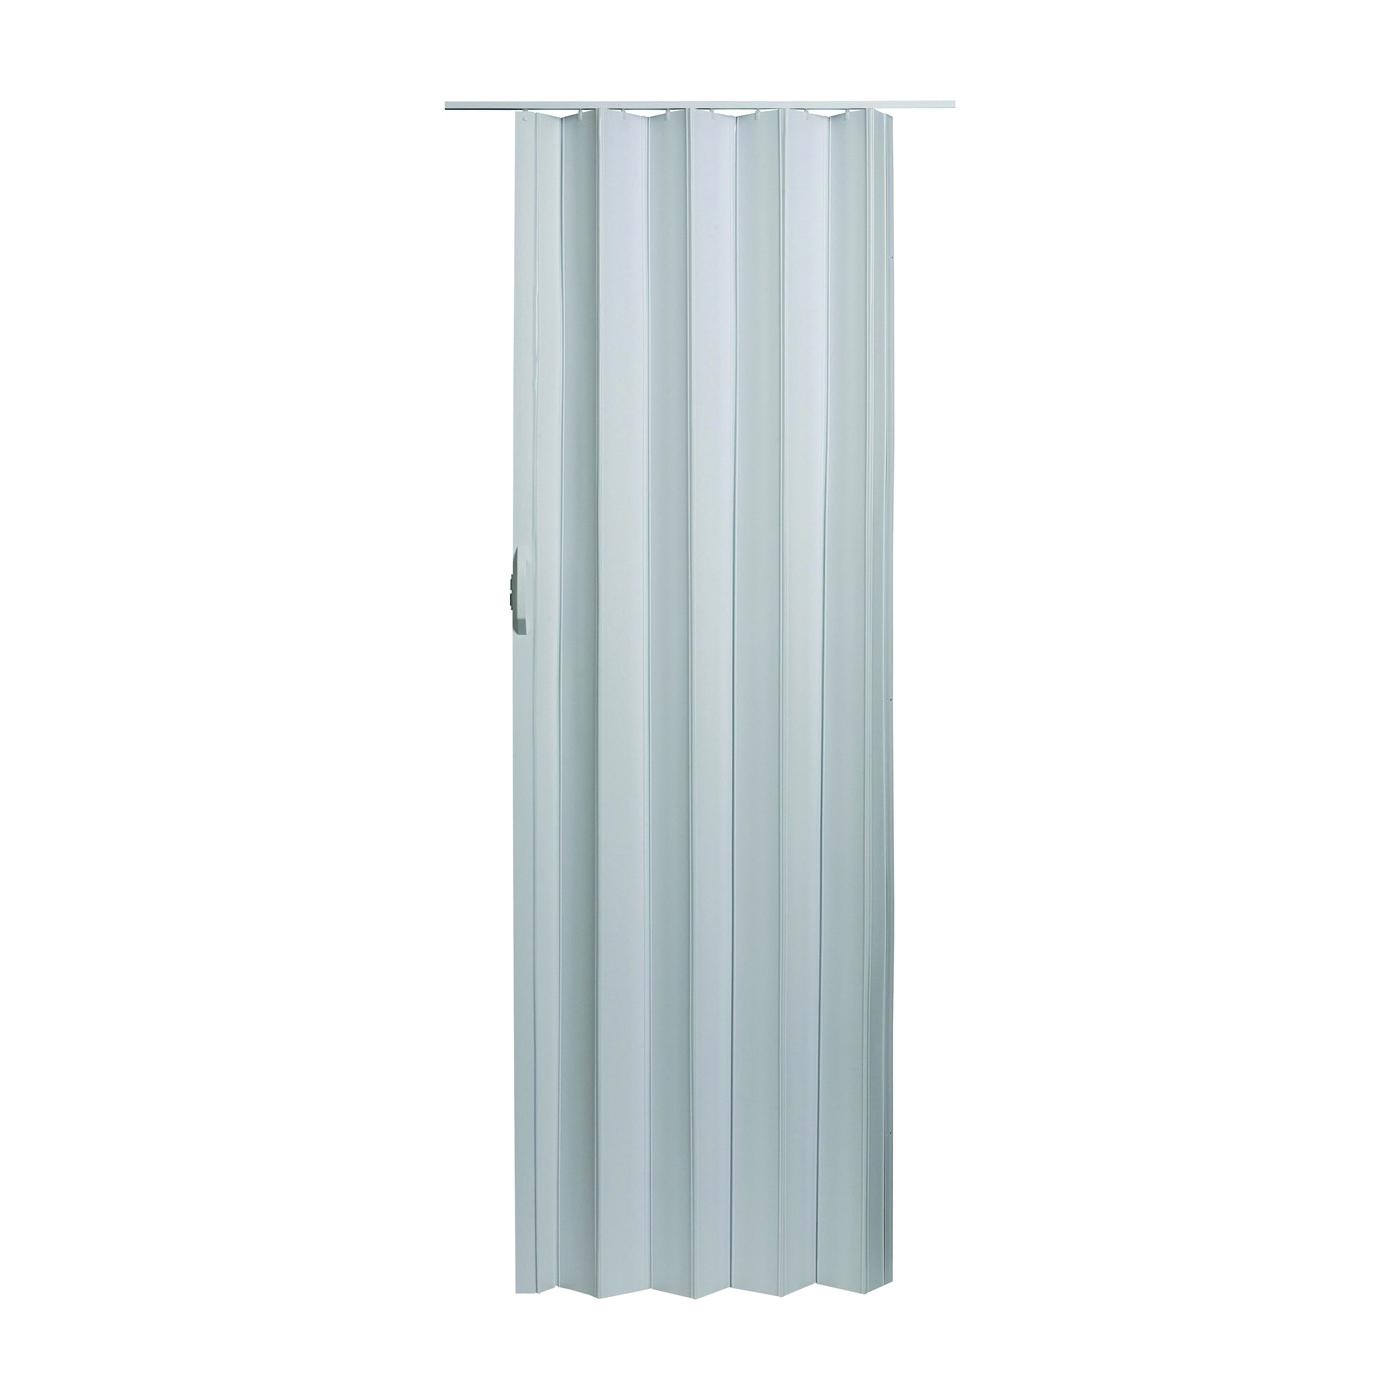 Picture of ADFORS LTL Spectrum VS3280HL Via Series Folding Door Expansion Kit, 24 to 36 in W, 80 in H, Vinyl Door